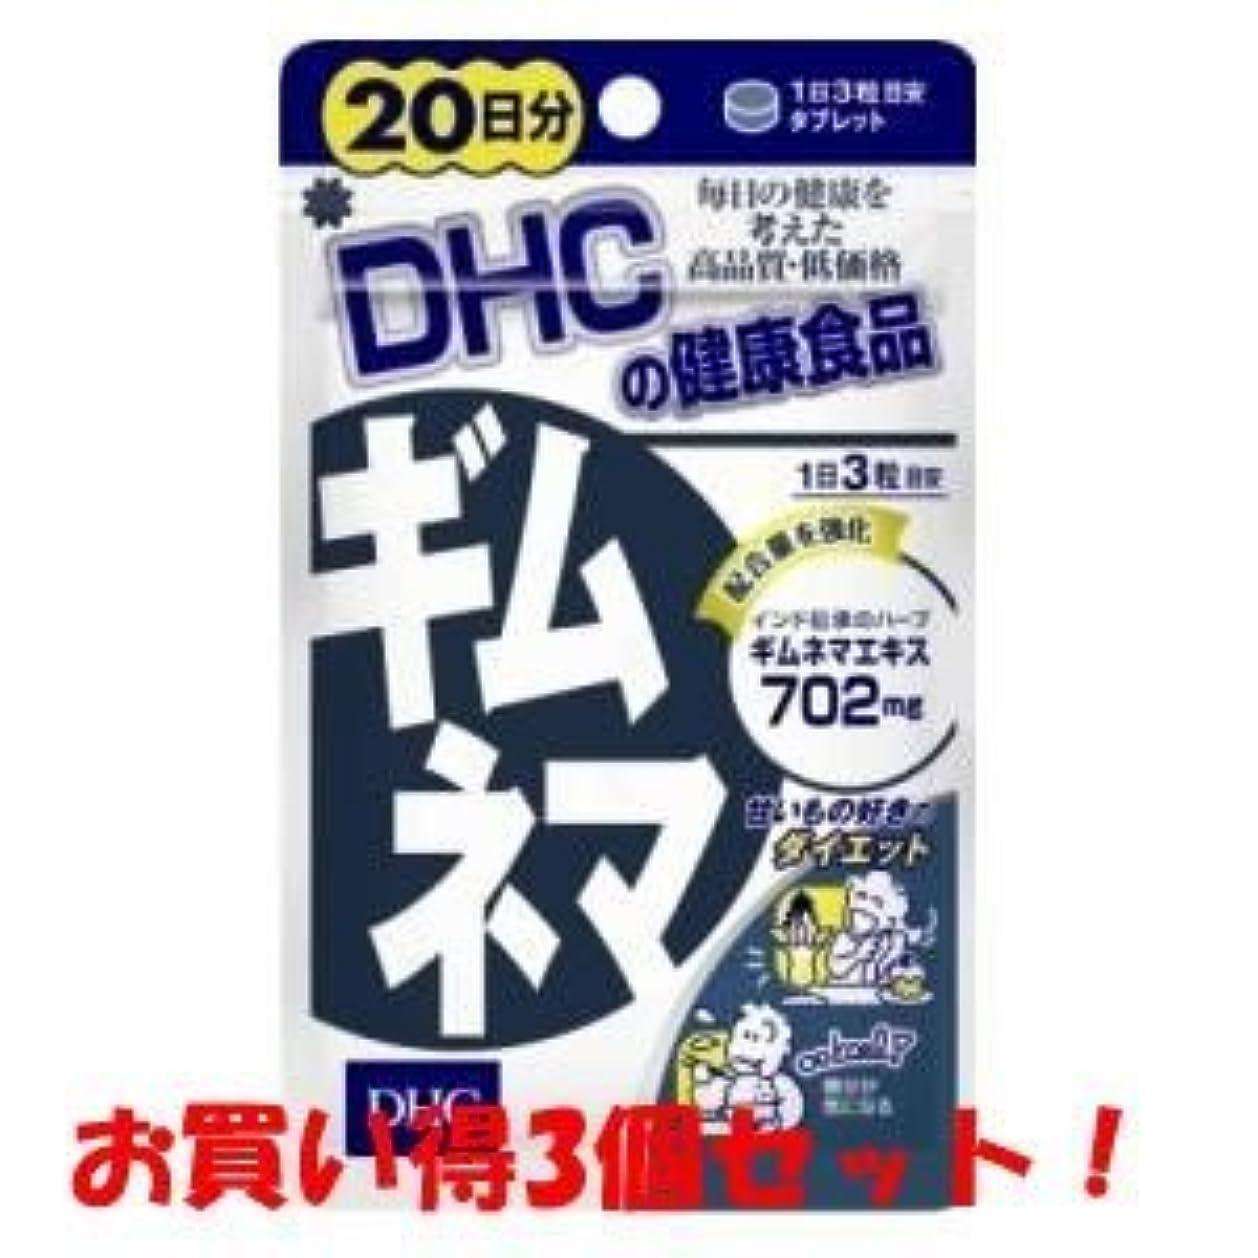 男らしい不愉快処方するDHC ギムネマ 20日分 60粒(お買い得3個セット)